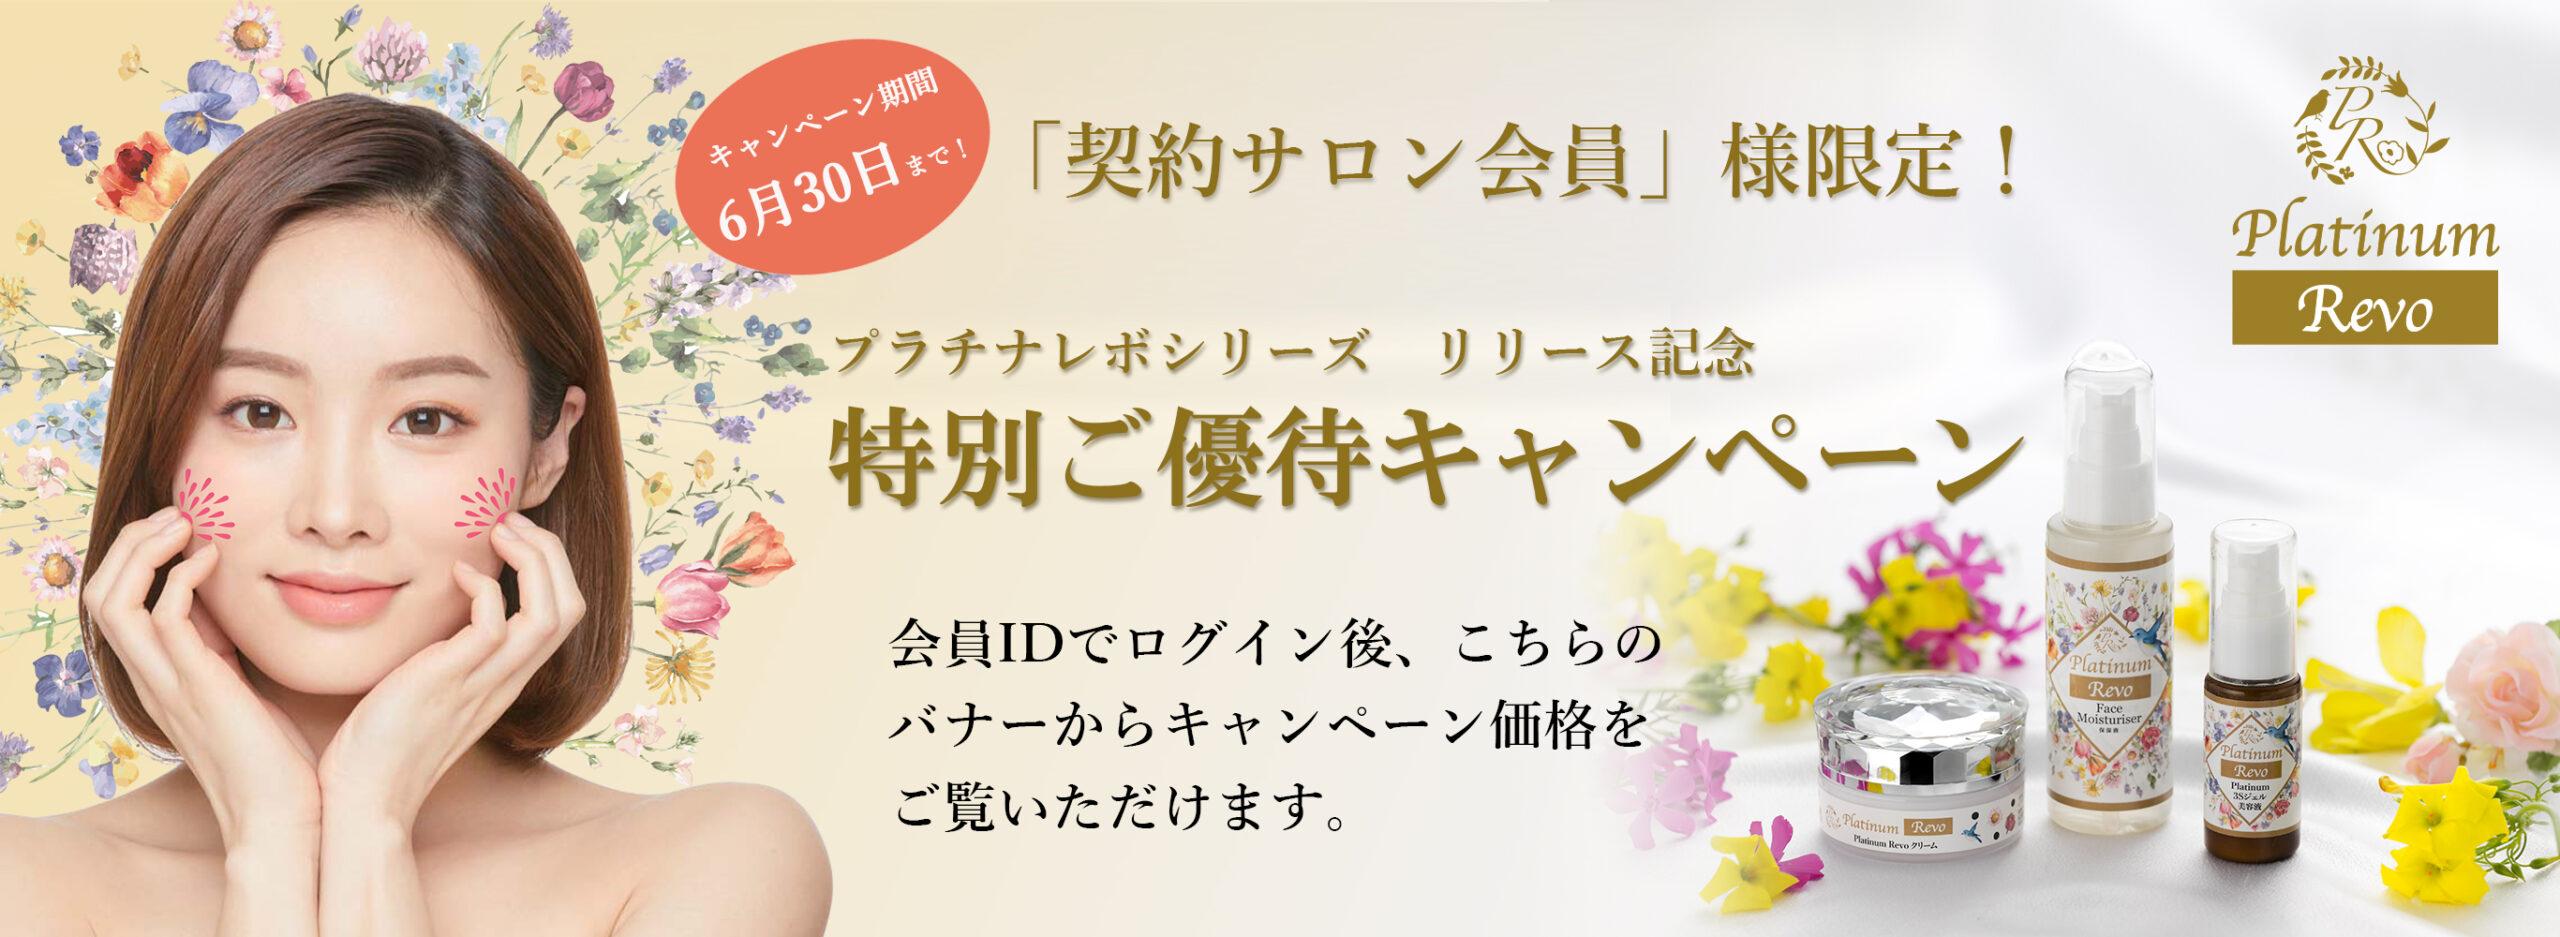 プラチナレボシリーズ リリース記念特別ご優待キャンペーン